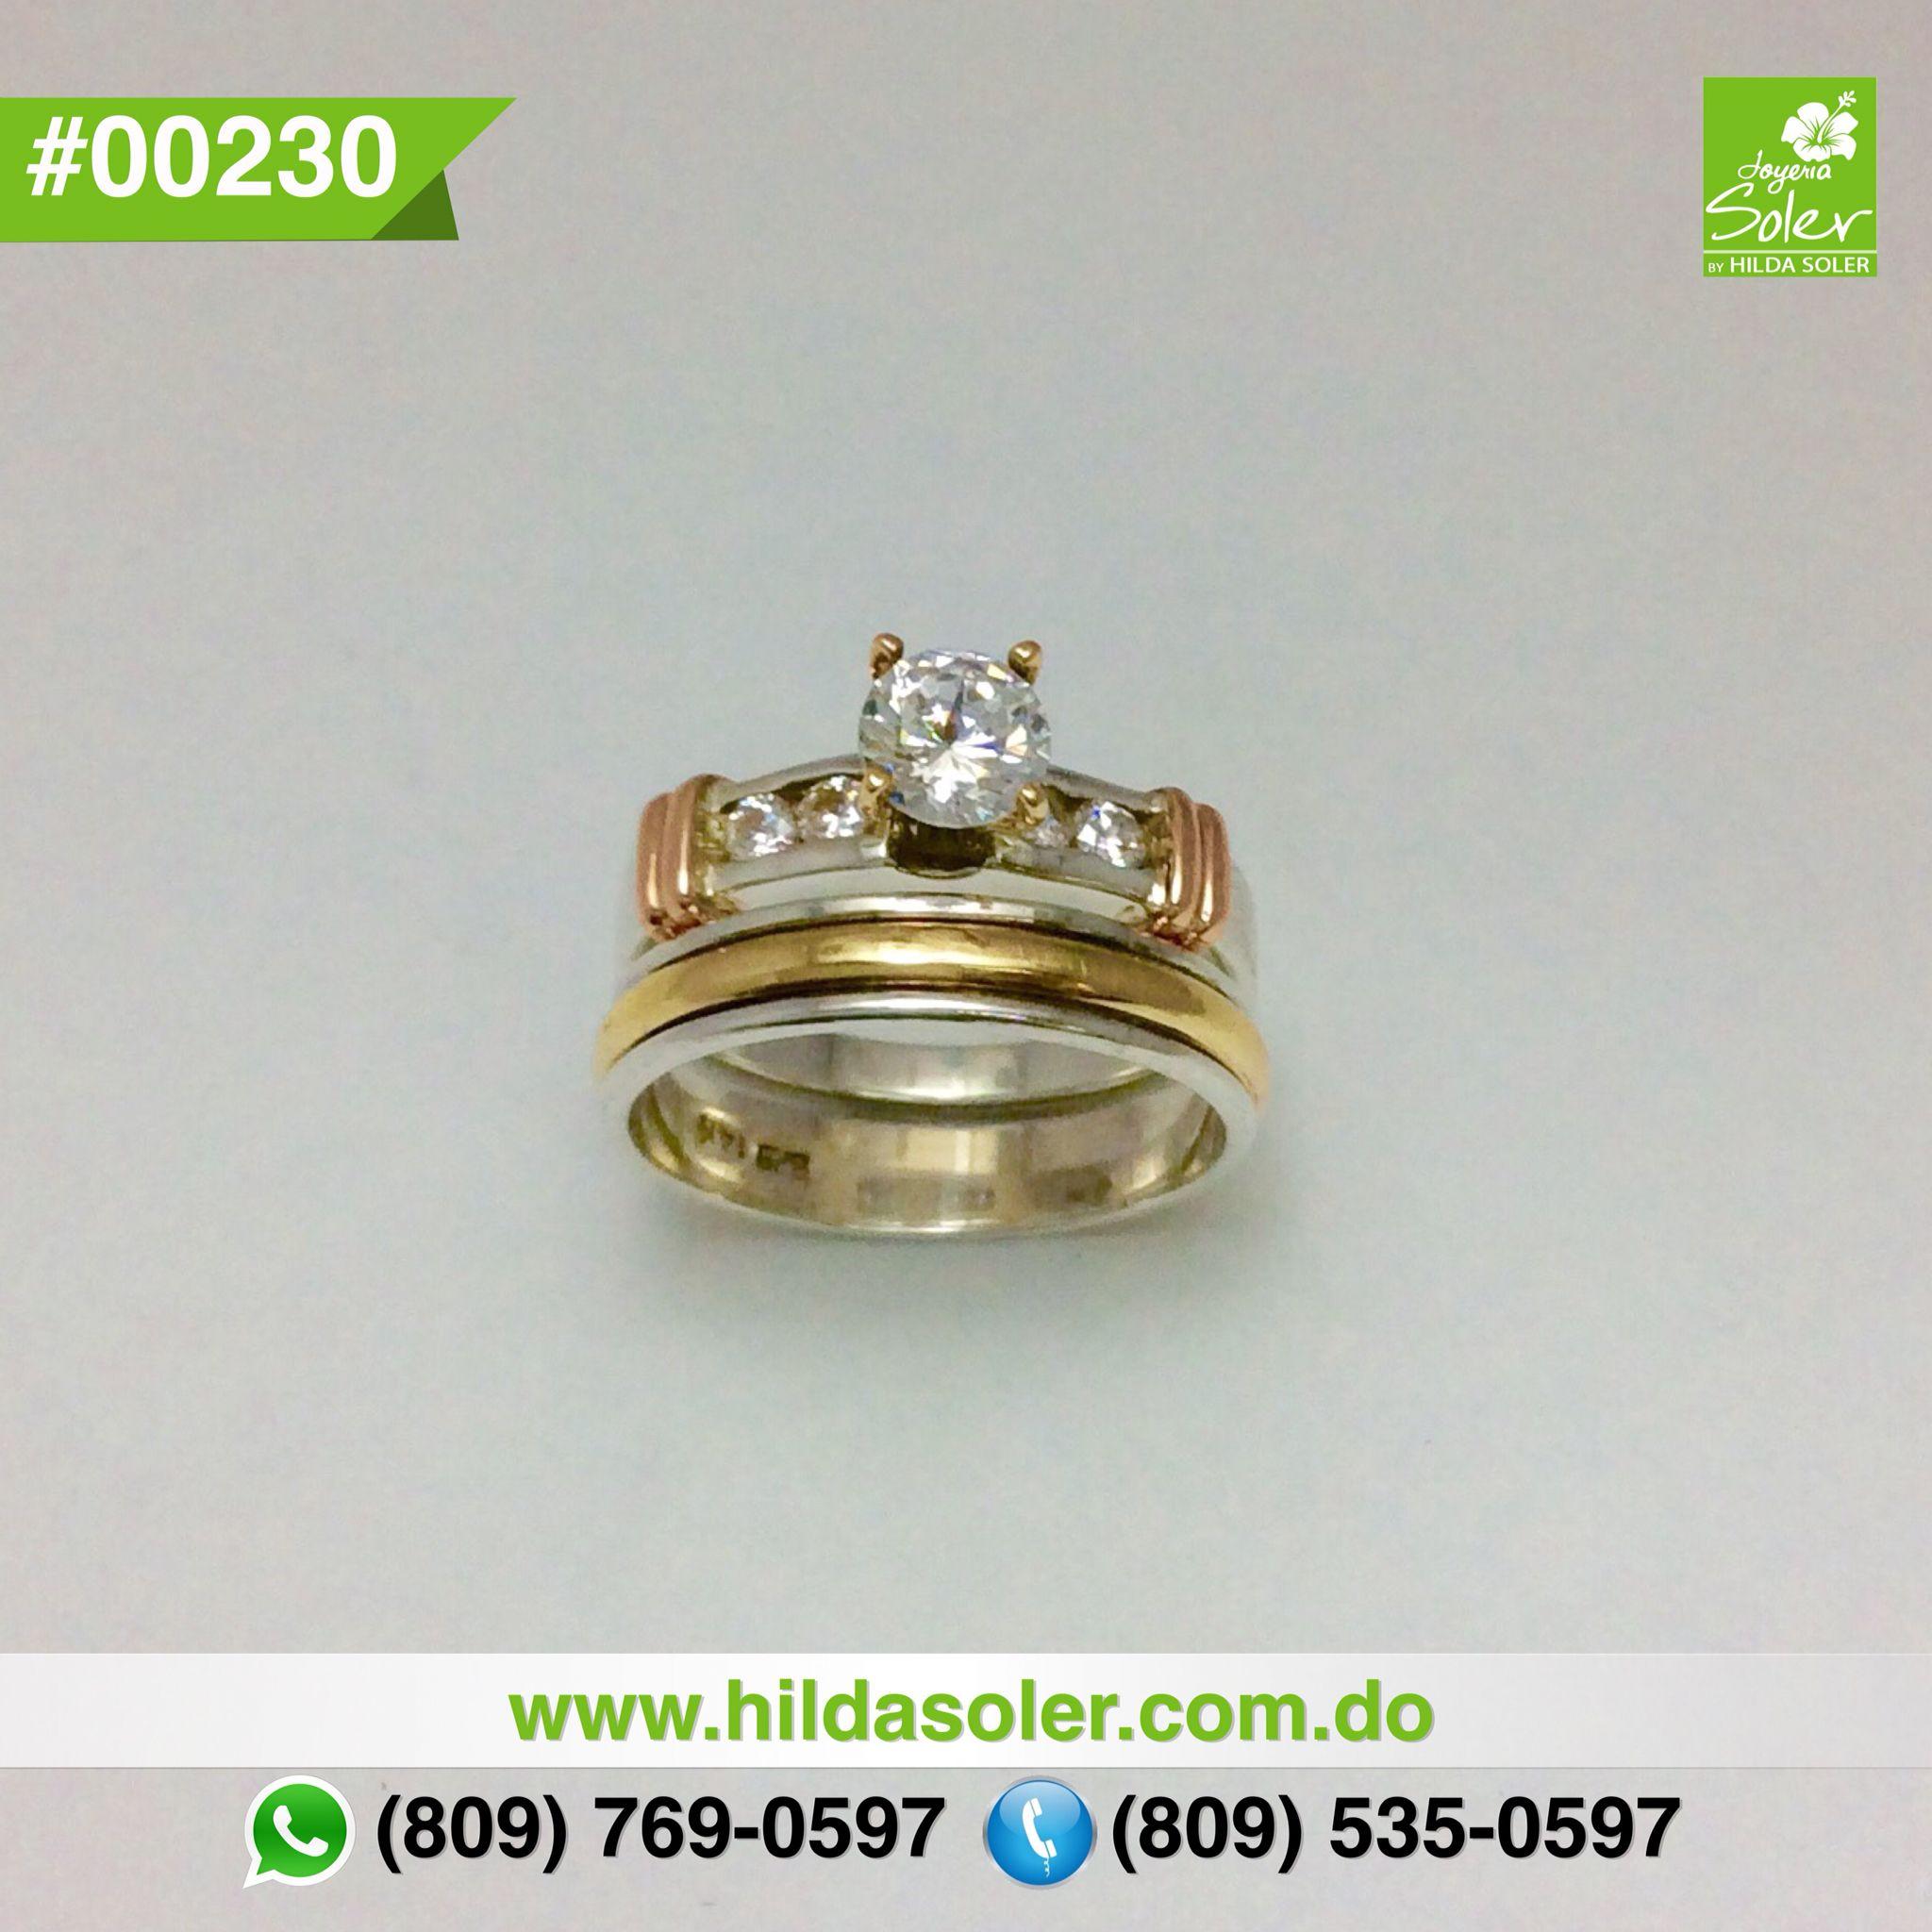 c624a1ea361a3 Anillos de matrimonios en plata y oro RD  6